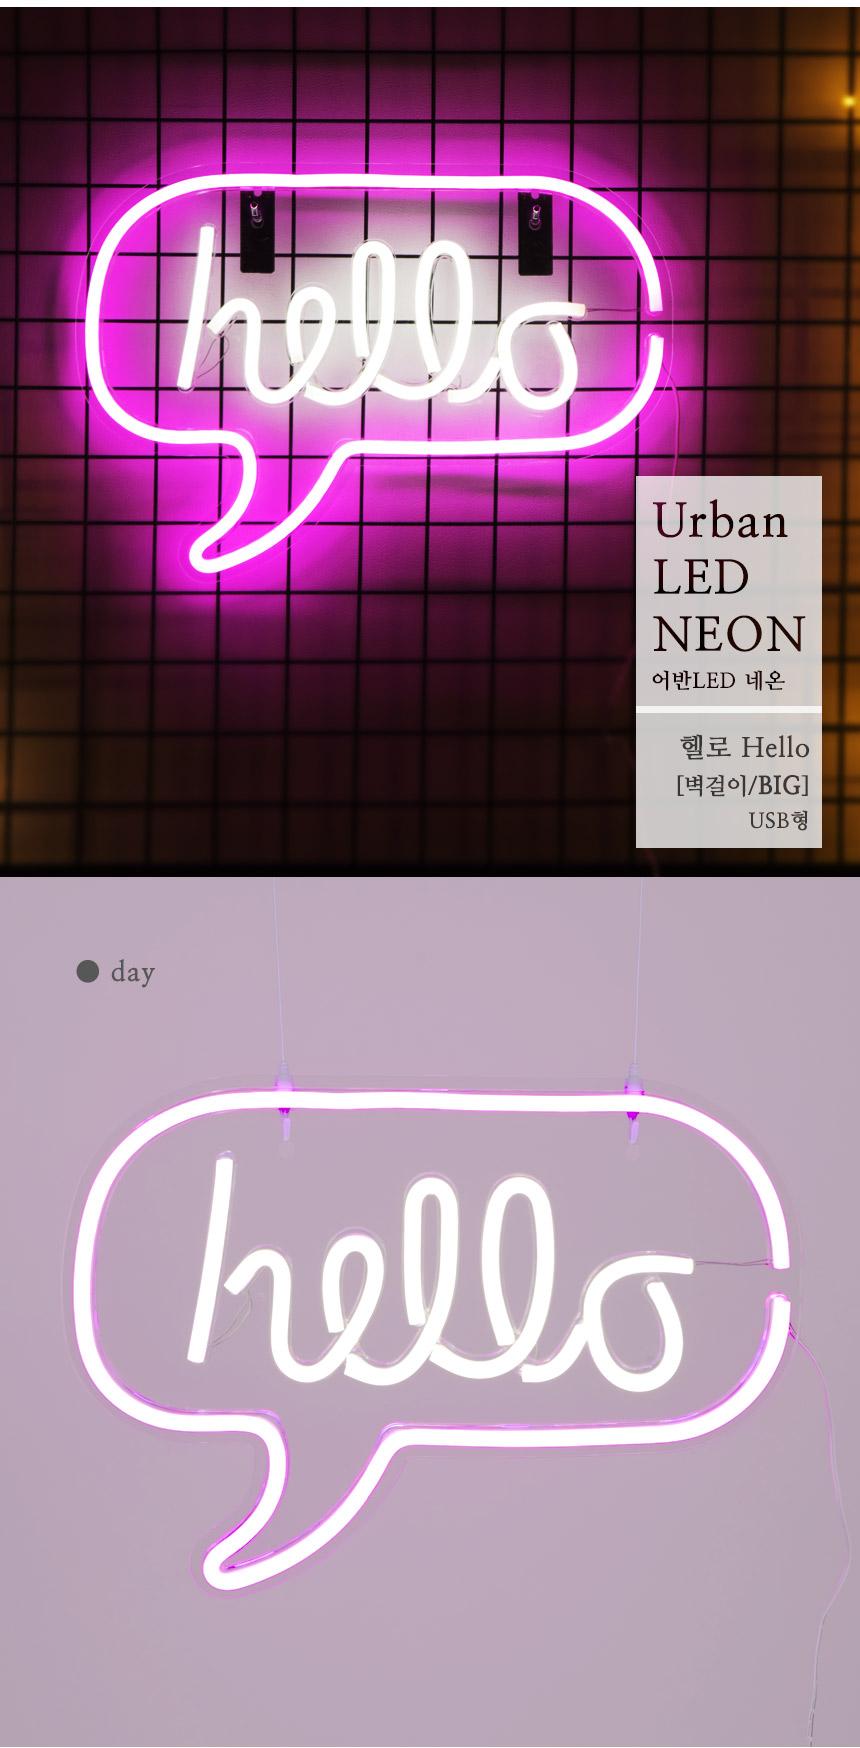 어반 LED 네온 헬로 BIG 벽걸이 무드등 - 어반LED, 45,000원, 리빙조명, 벽조명